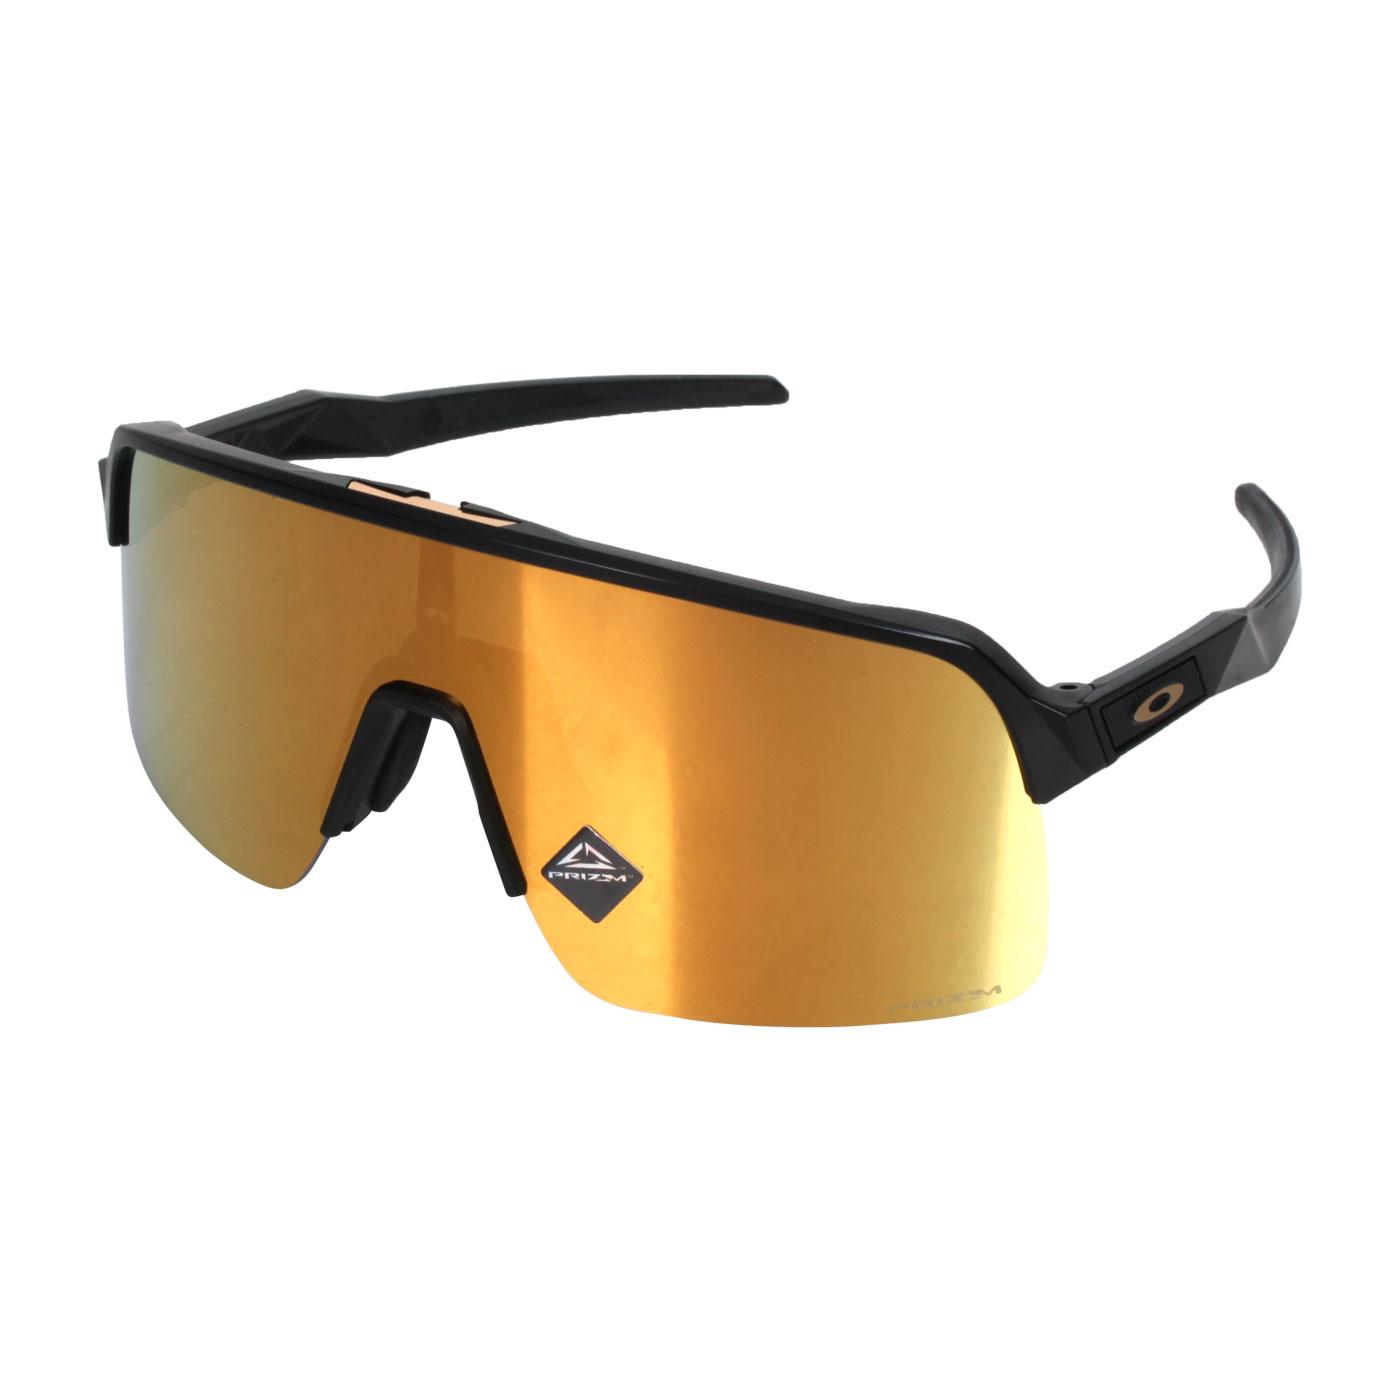 OAKLEY SUTRO LITE(A) 一般太陽眼鏡(附硬盒) OAK-OO9463A-0439 - 黑金